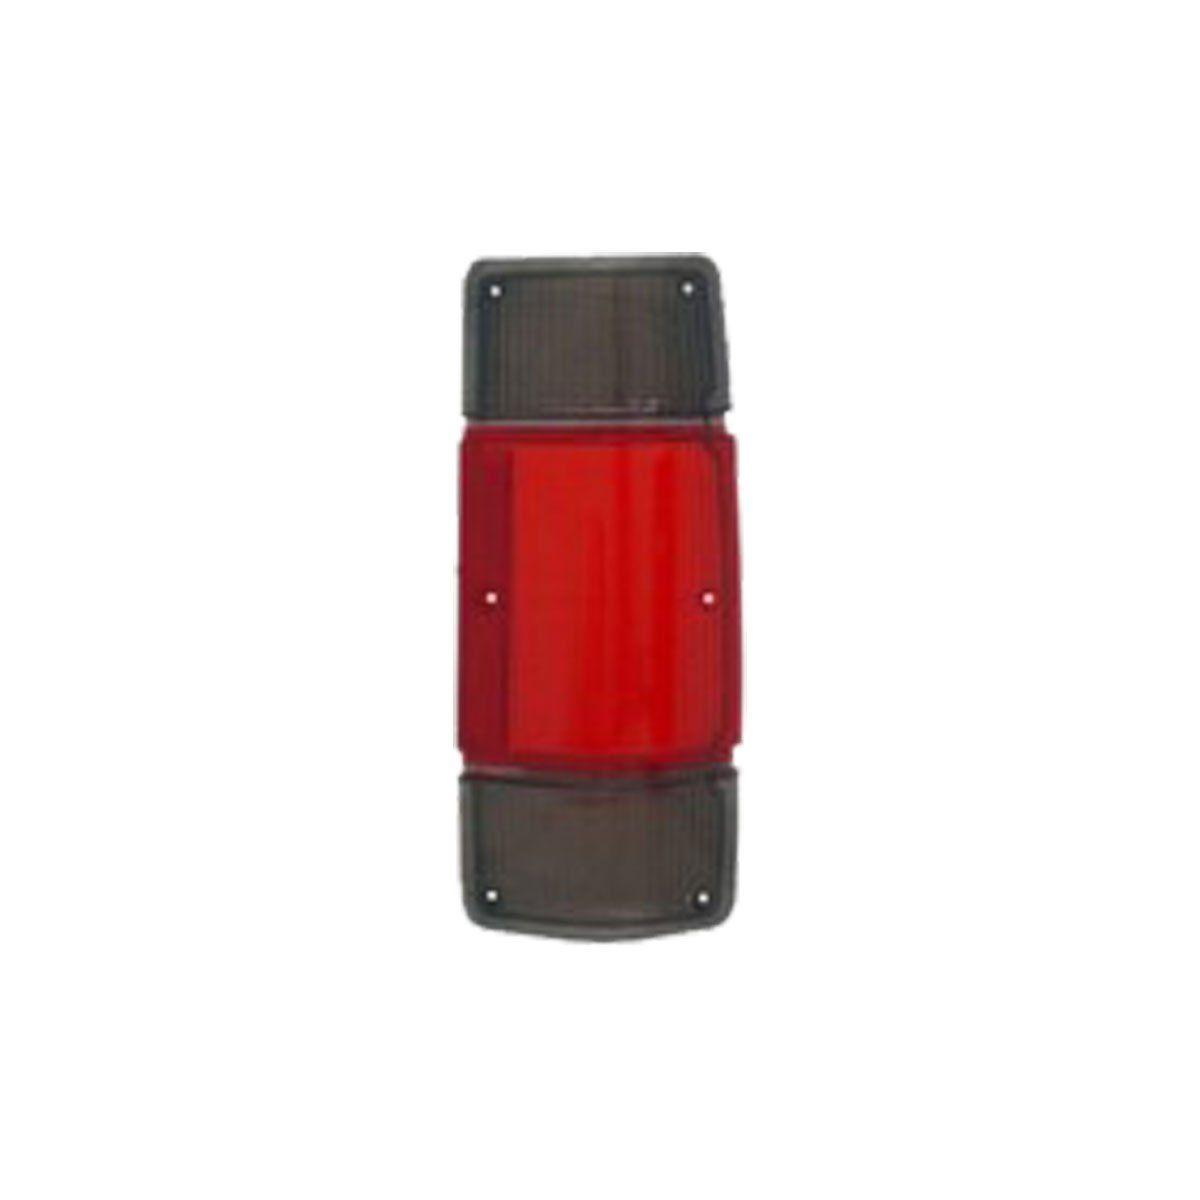 Lente Traseira D 20/A 20/C 20 85/90 Fumê Acrilico